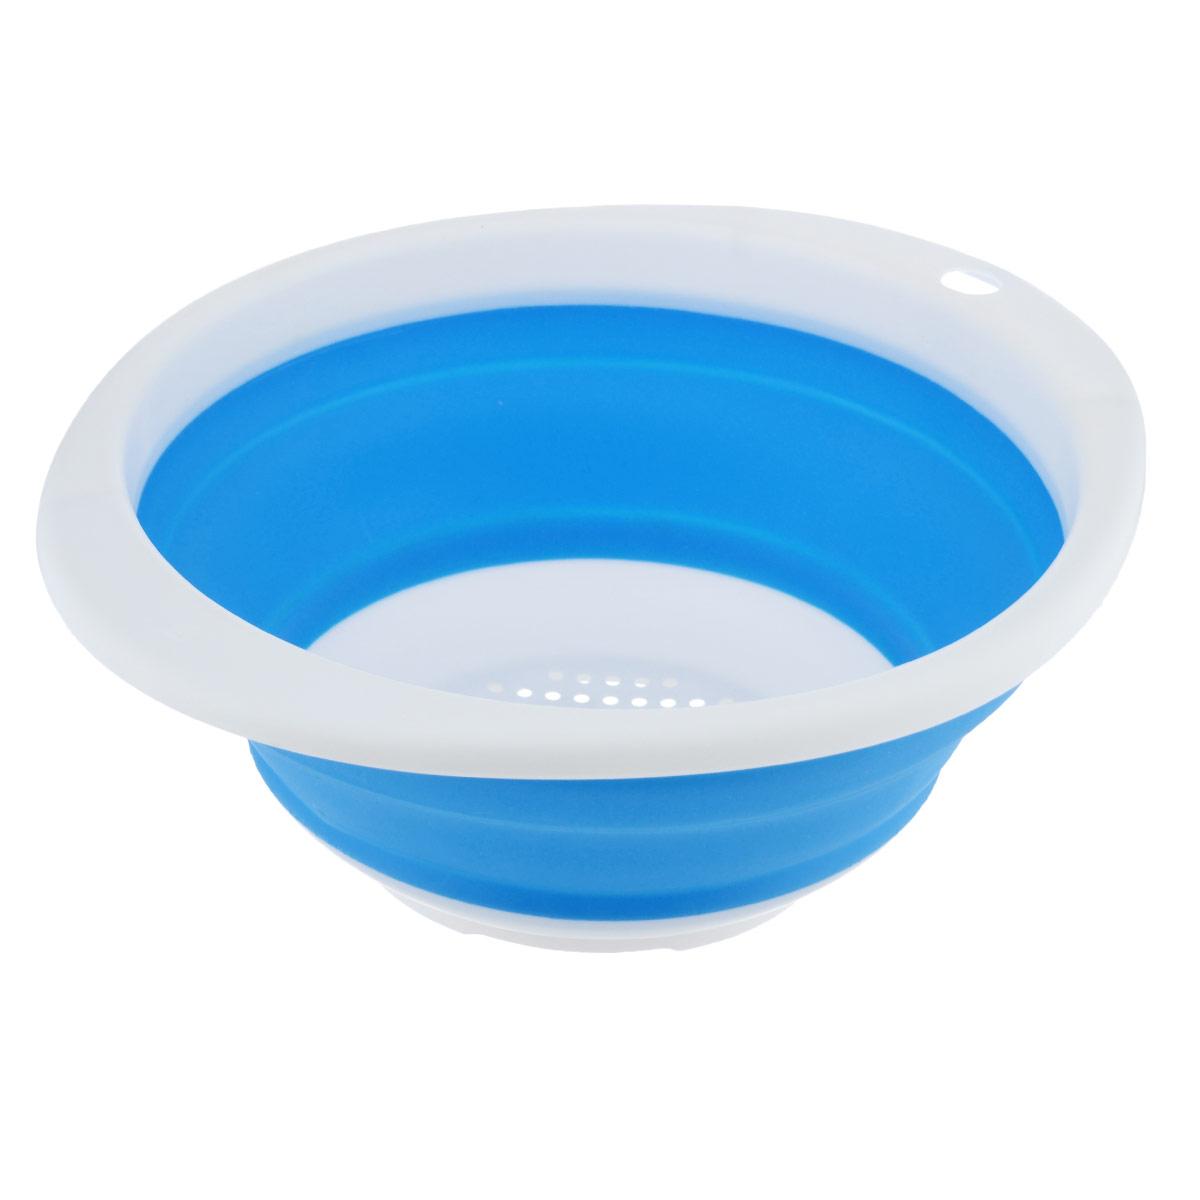 Дуршлаг Идея, складной, цвет: синий. CLD-02CLD-02_синийДуршлаг складной Идея, изготовленный из высококачественного пищевого силикона, станет полезным приобретением для вашей кухни. Он идеально подходит для процеживания, ополаскивания и стекания макарон, овощей, фруктов. Нельзя мыть и сушить в посудомоечной машине. Внутренний диаметр: 18 см. Размер (в разложенном виде): 23 см х 20 см х 9 см. Размер (в сложенном виде): 23 см х 20 см х 3 см.